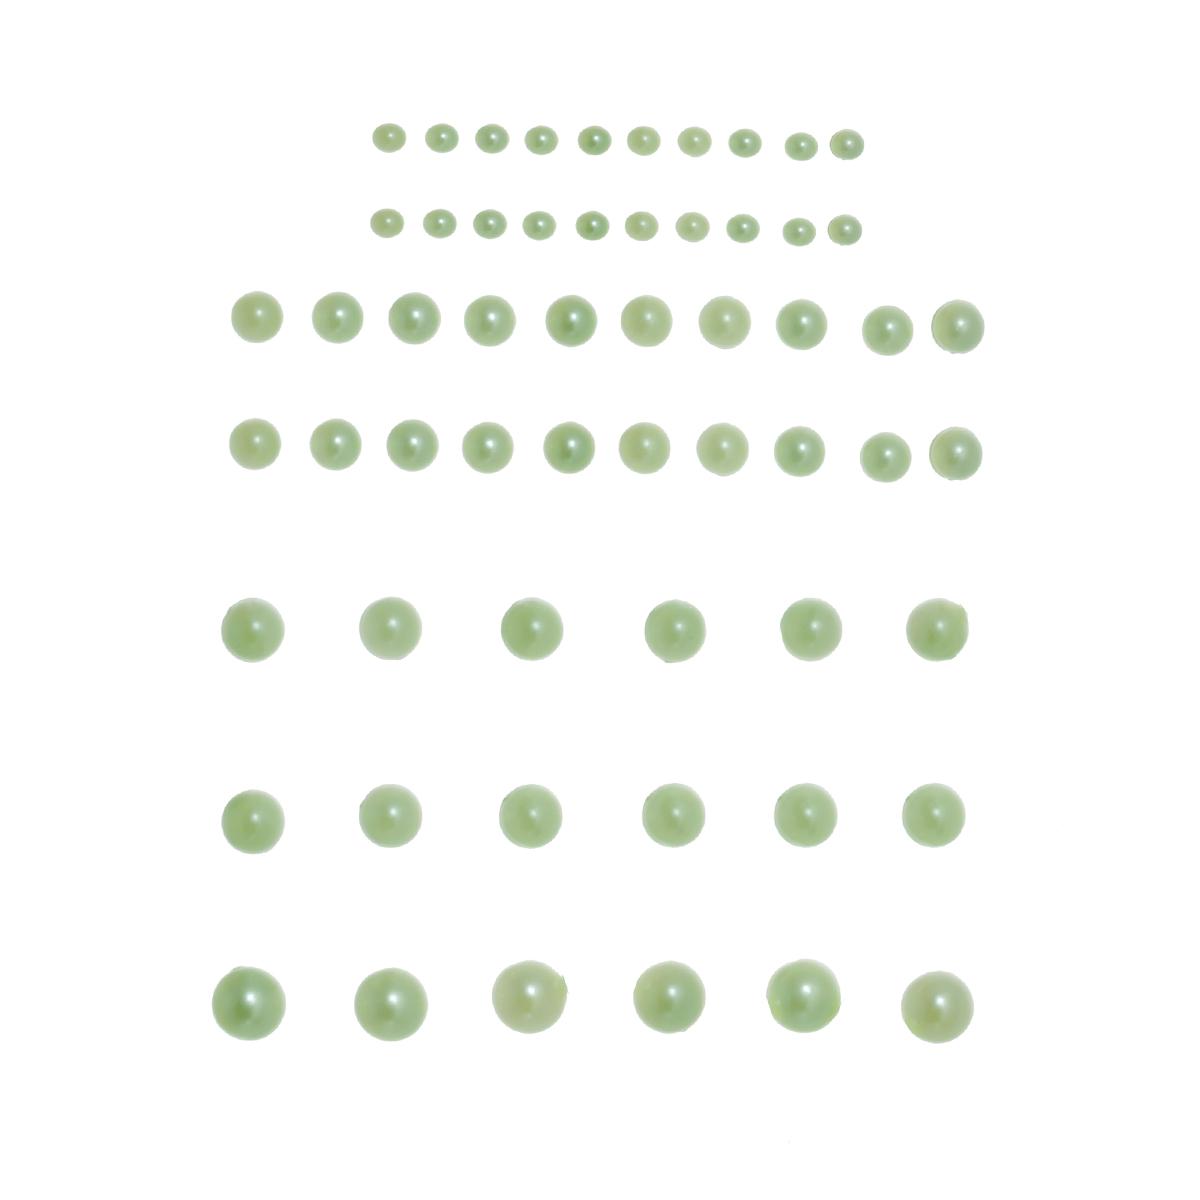 Полужемчуг самоклеящийся Craft Premier, цвет: зеленый, 58 шт23317-1Набор Craft Premier состоит из 58 полужемчугов, с помощью которых вы сможете украсить открытку, фотографию, альбом, подарок и другие предметы ручной работы. Полужемчуг в наборе имеет оригинальный и яркий дизайн. На задней стороне полужемчуга - клейкая поверхность. Минимальный диаметр: 0,25 см. Максимальный диаметр: 0,7 см.